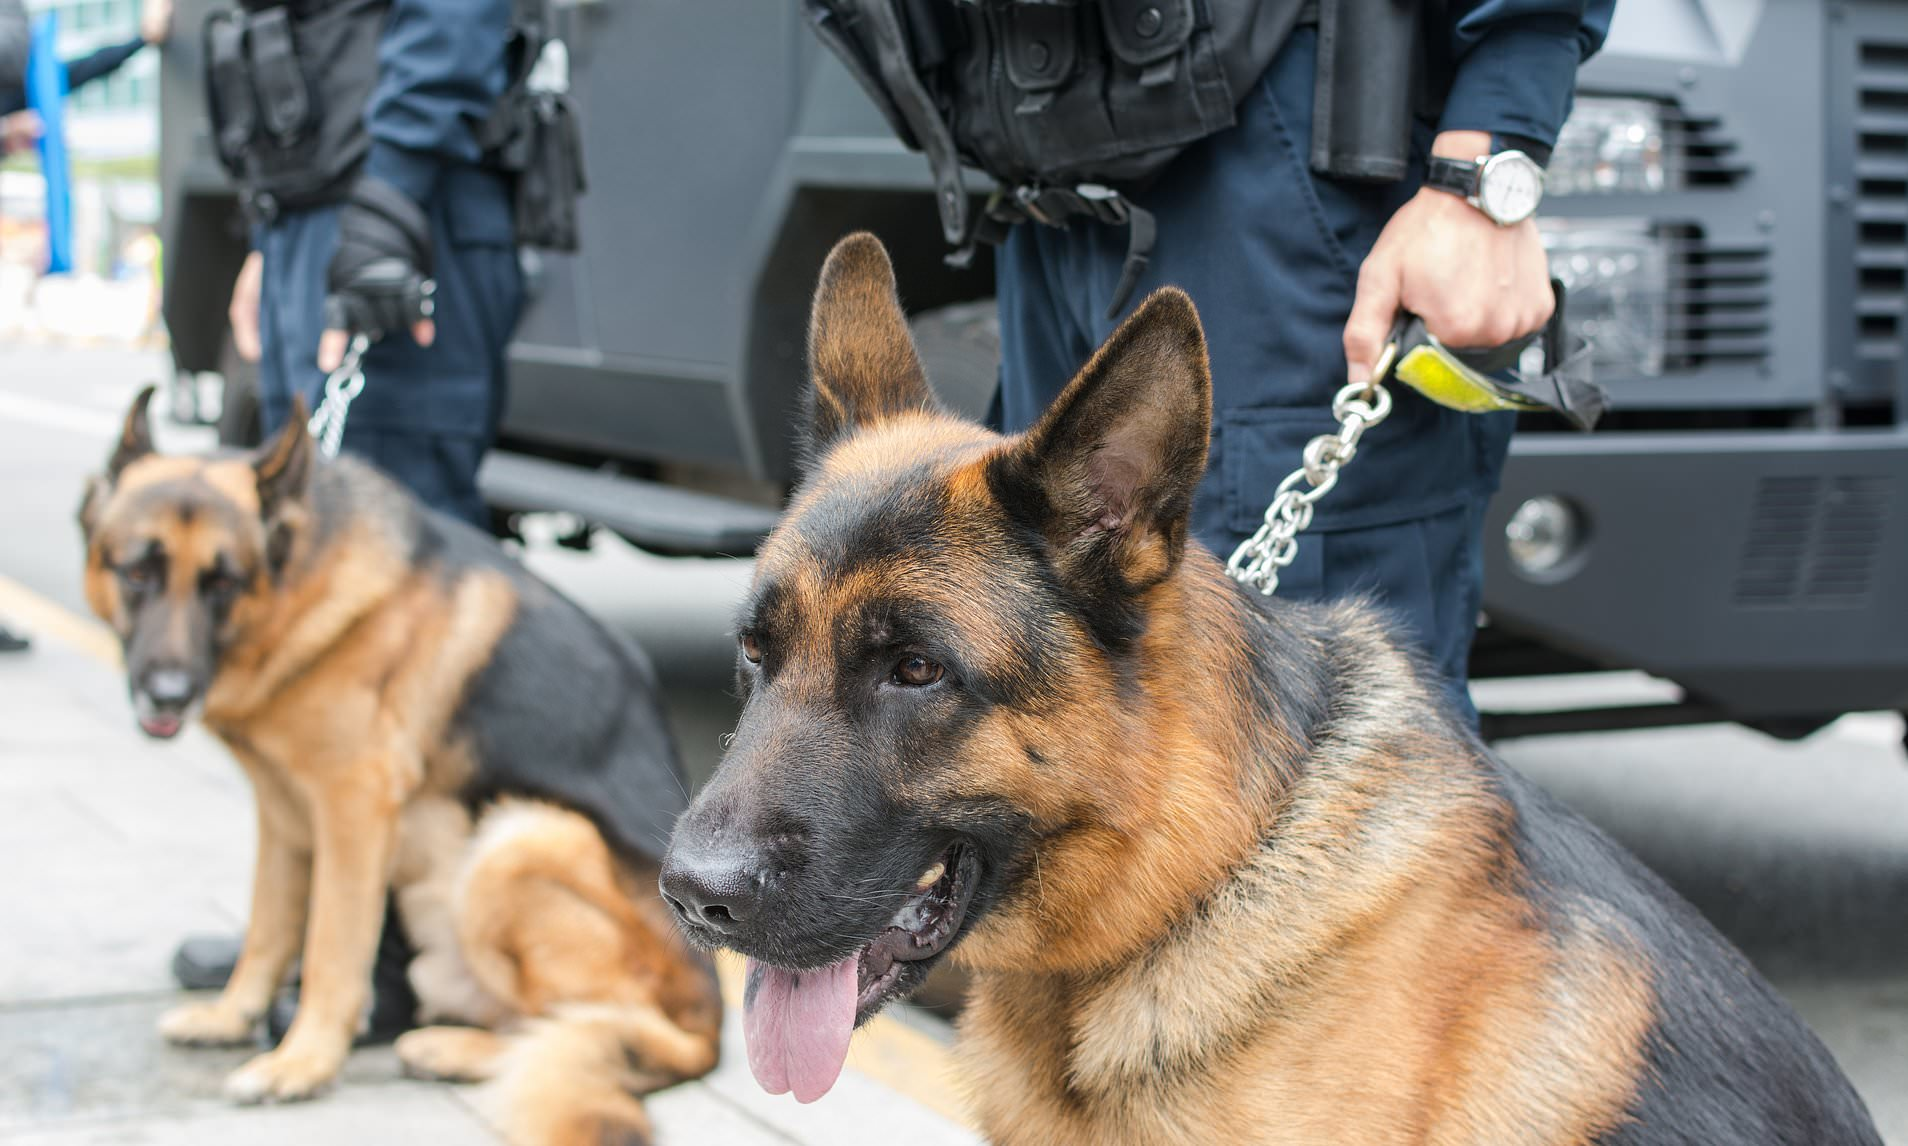 Dubai huấn luyện chó đánh hơi người nhiễm SARS-CoV-2, kết quả chuẩn tới 91% - Ảnh 1